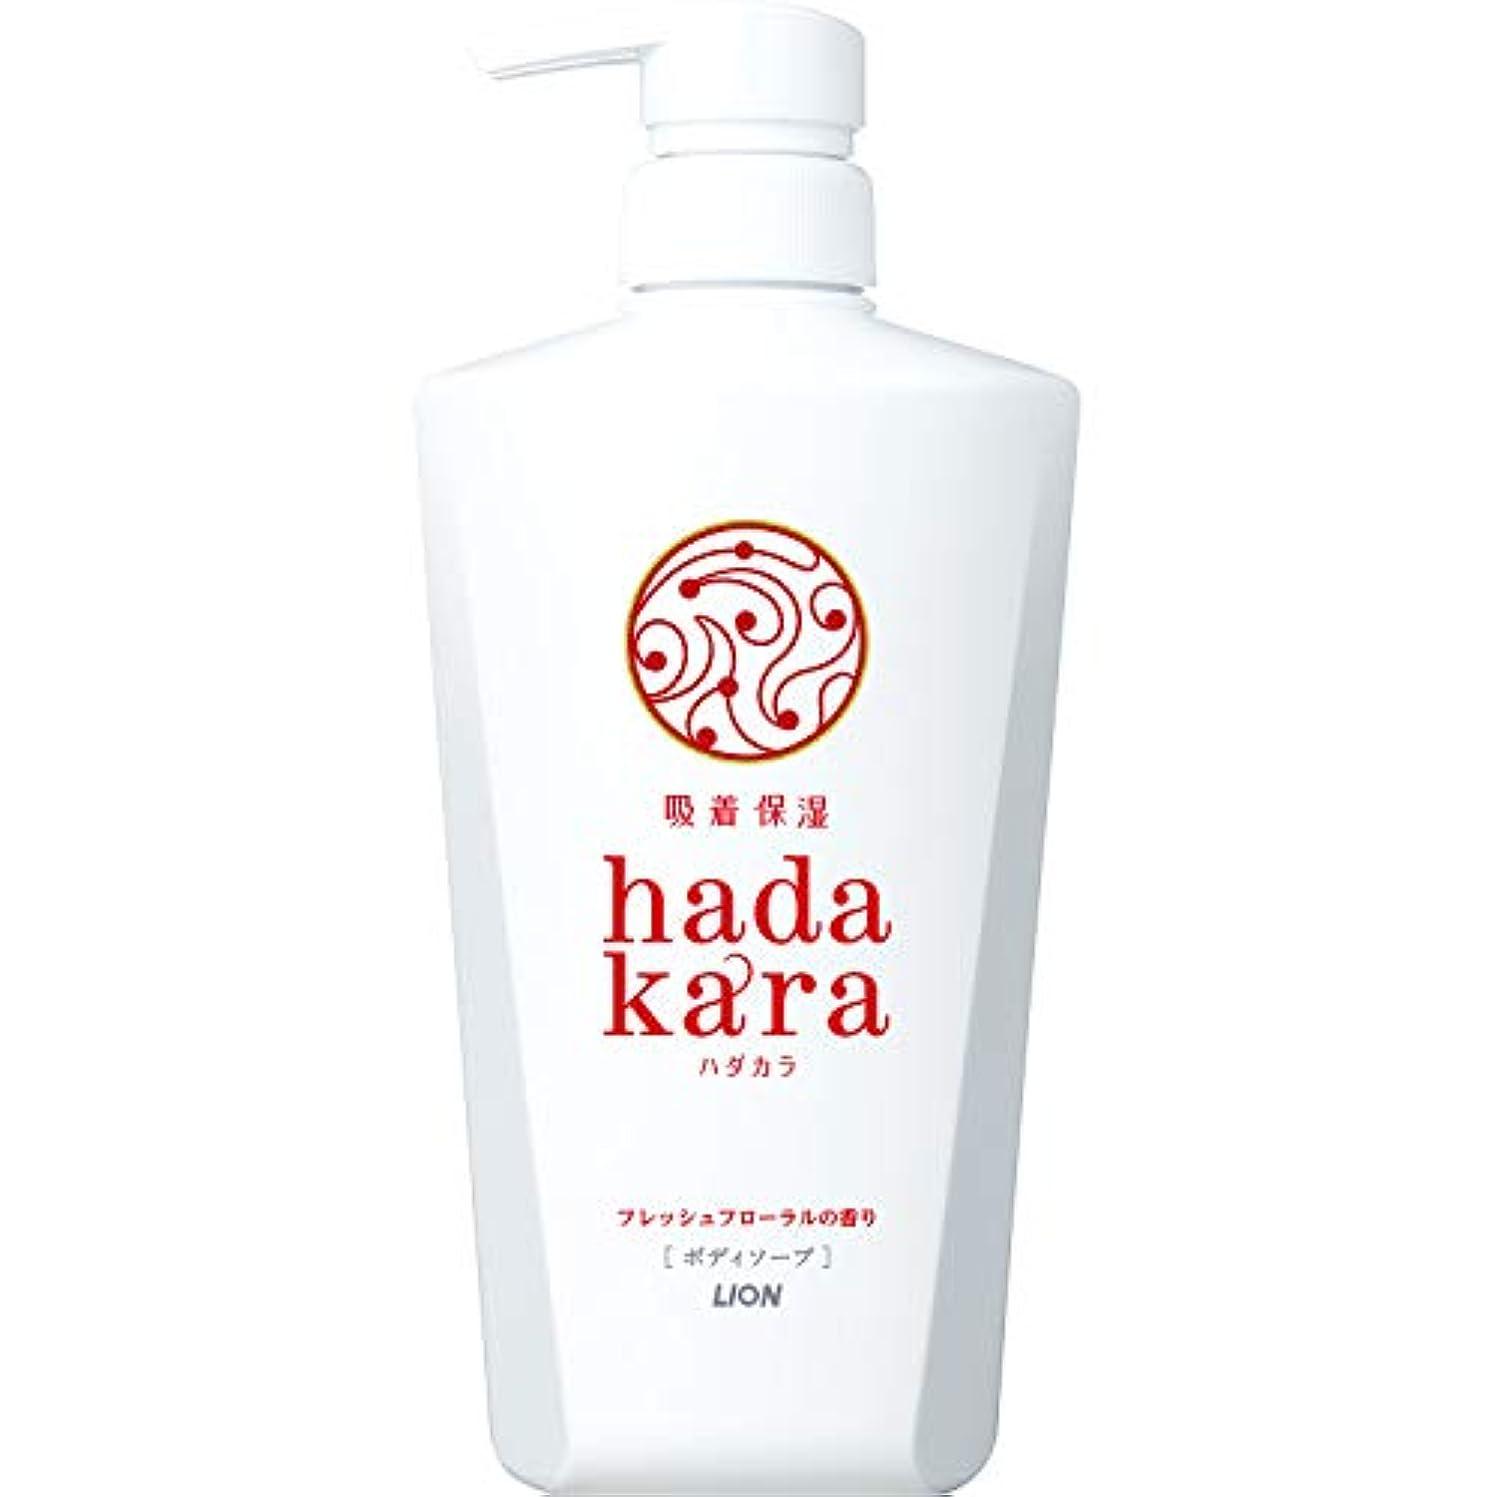 利得パーク持ってるhadakara(ハダカラ) ボディソープ フレッシュフローラルの香り 本体 500ml フローラルブーケ